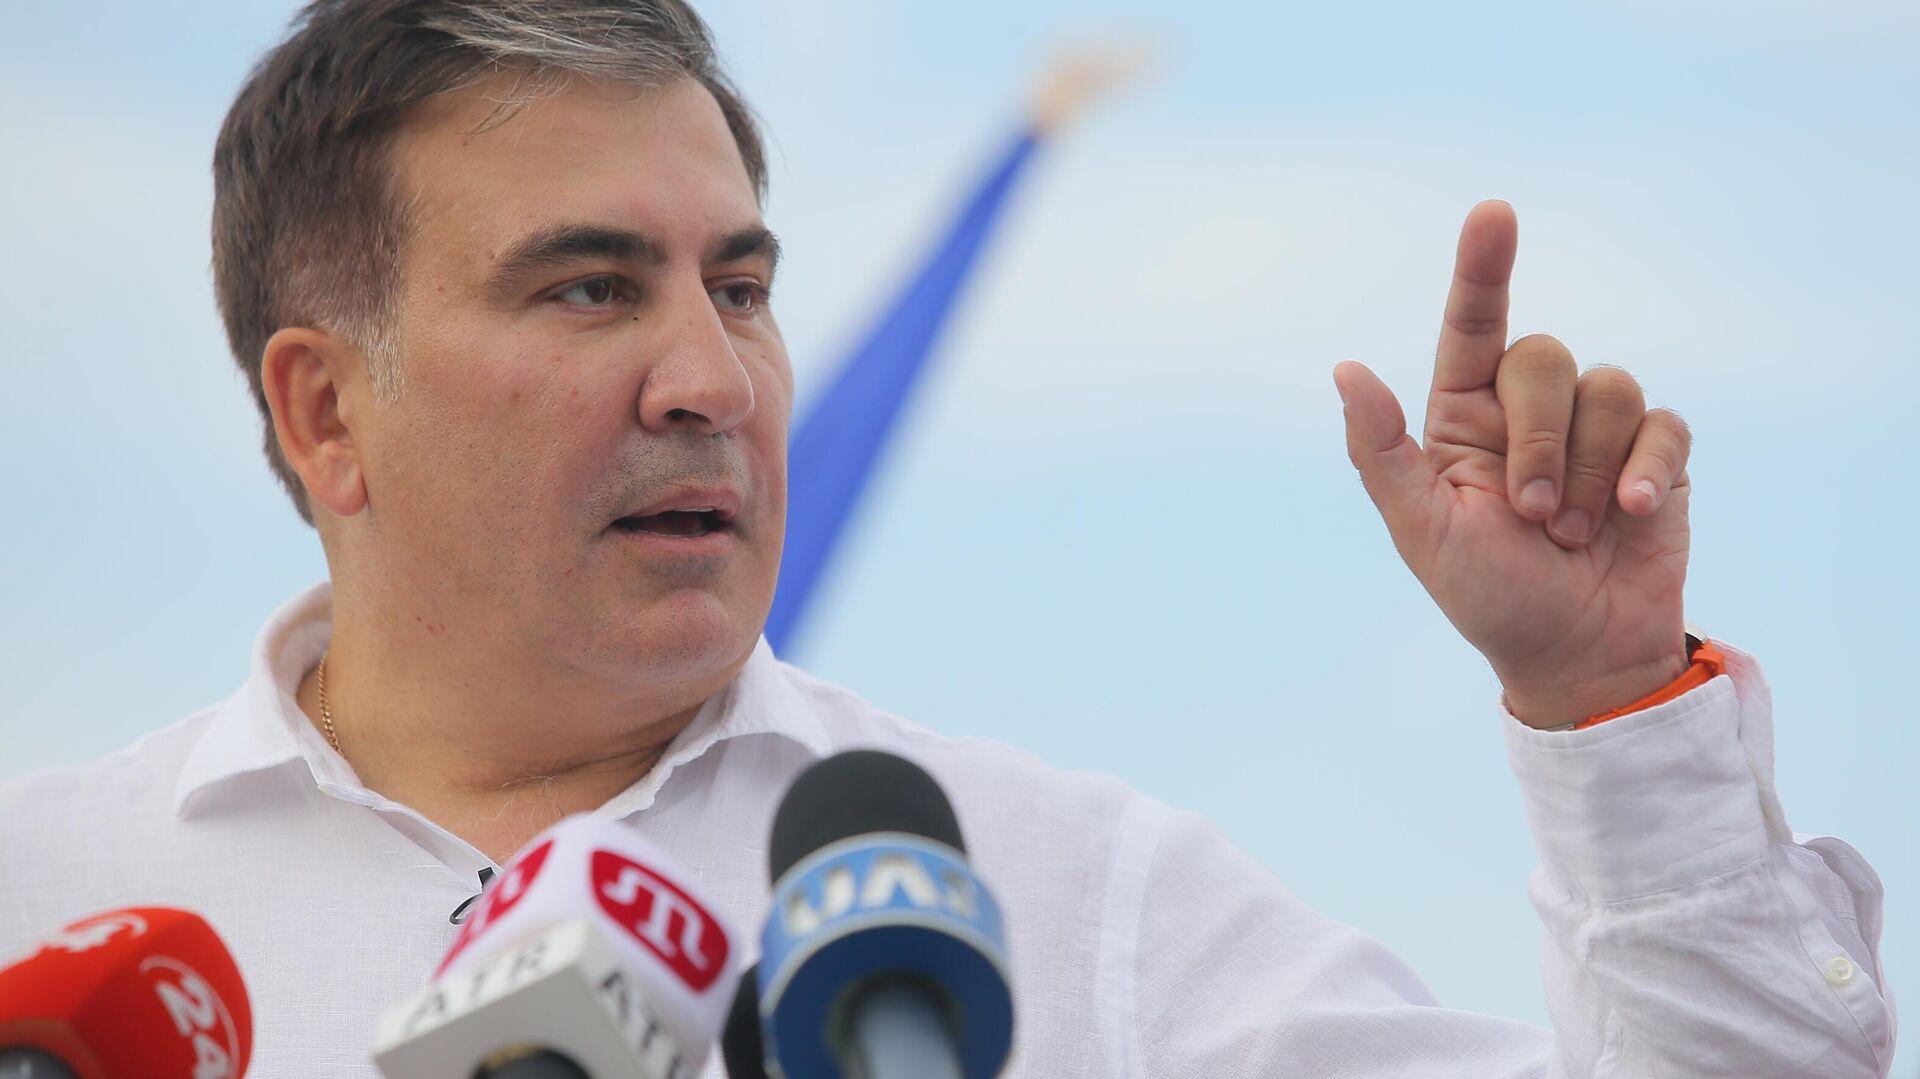 Georgiens Ex-Präsident Michail Saakaschwili, Chef der politischen Partei Bewegung neuer Kräfte, in Kiew, Ukraine (Archiv) - SNA, 1920, 01.10.2021